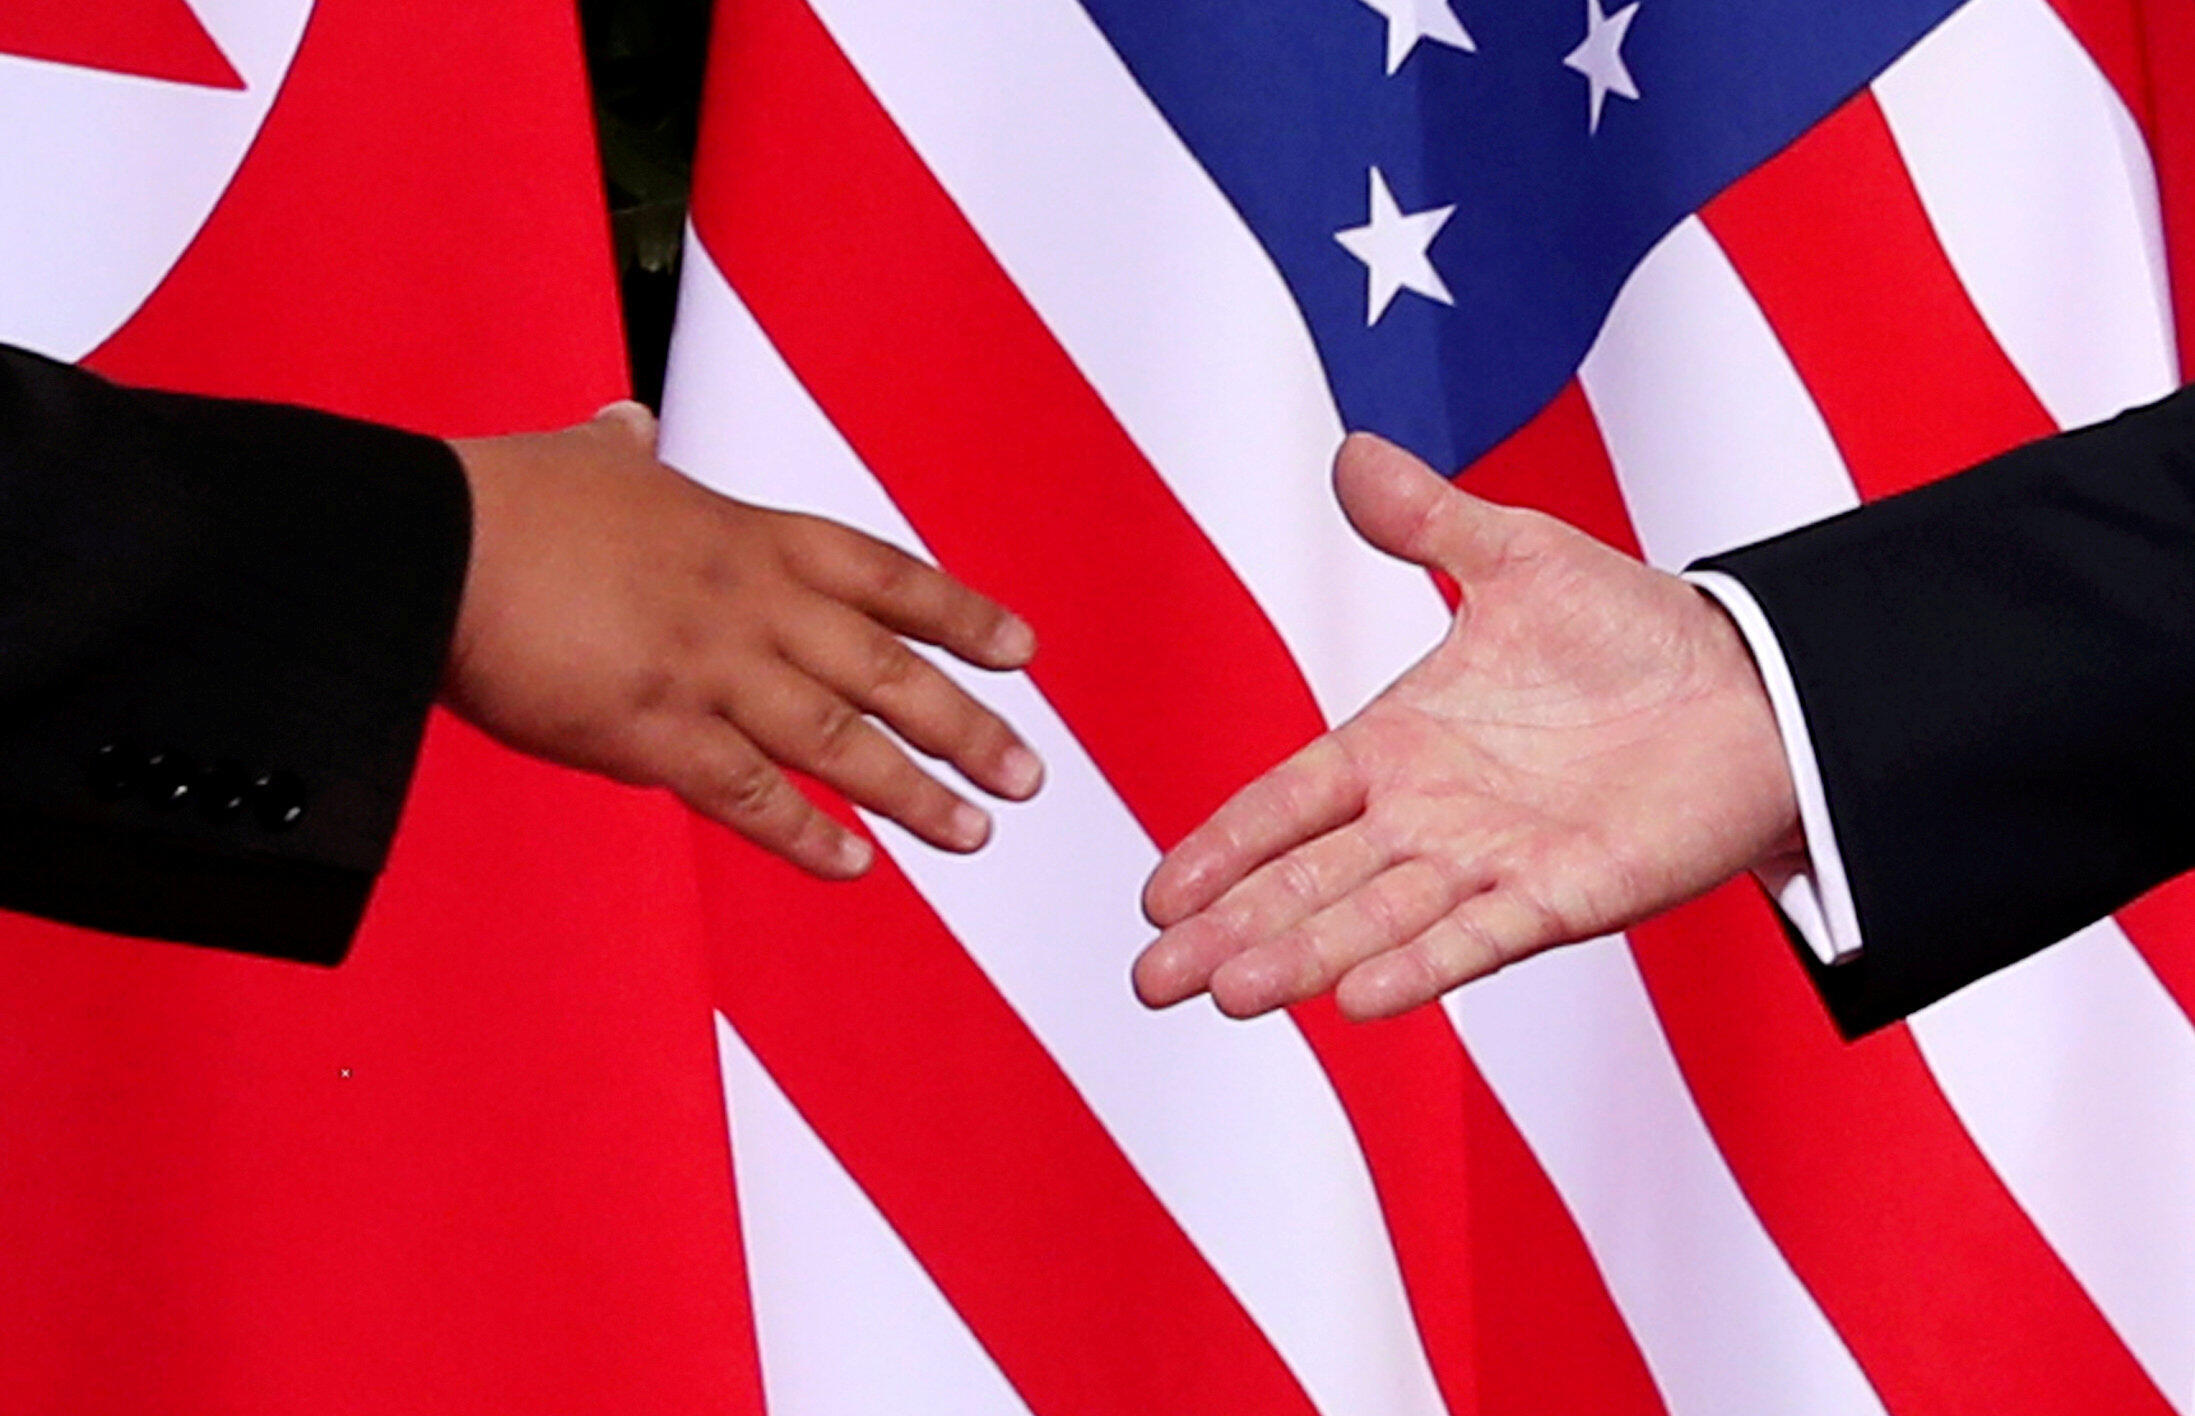 Poignée de mains entre le Nord-Coréen Kim Jong-un et l'Américain Donald Trump, lors de leur précédente rencontre, le 12 juin 2018 à Singapour.